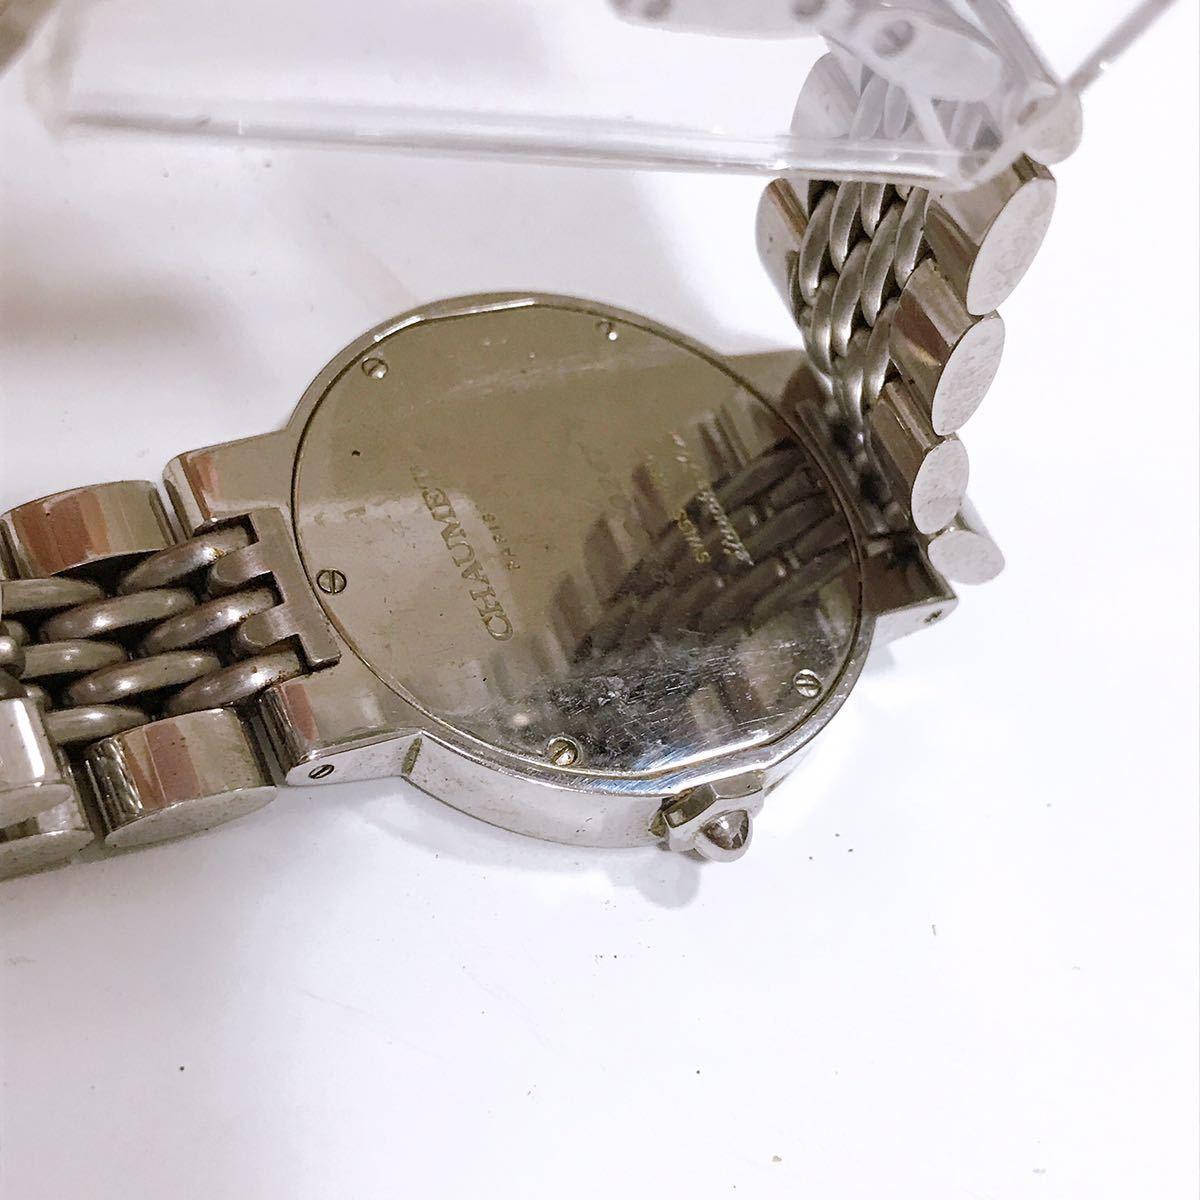 【ジャンク品】ショーメ CHAUMET PARIS 腕時計 メンズ レディース ユニセックス_画像3